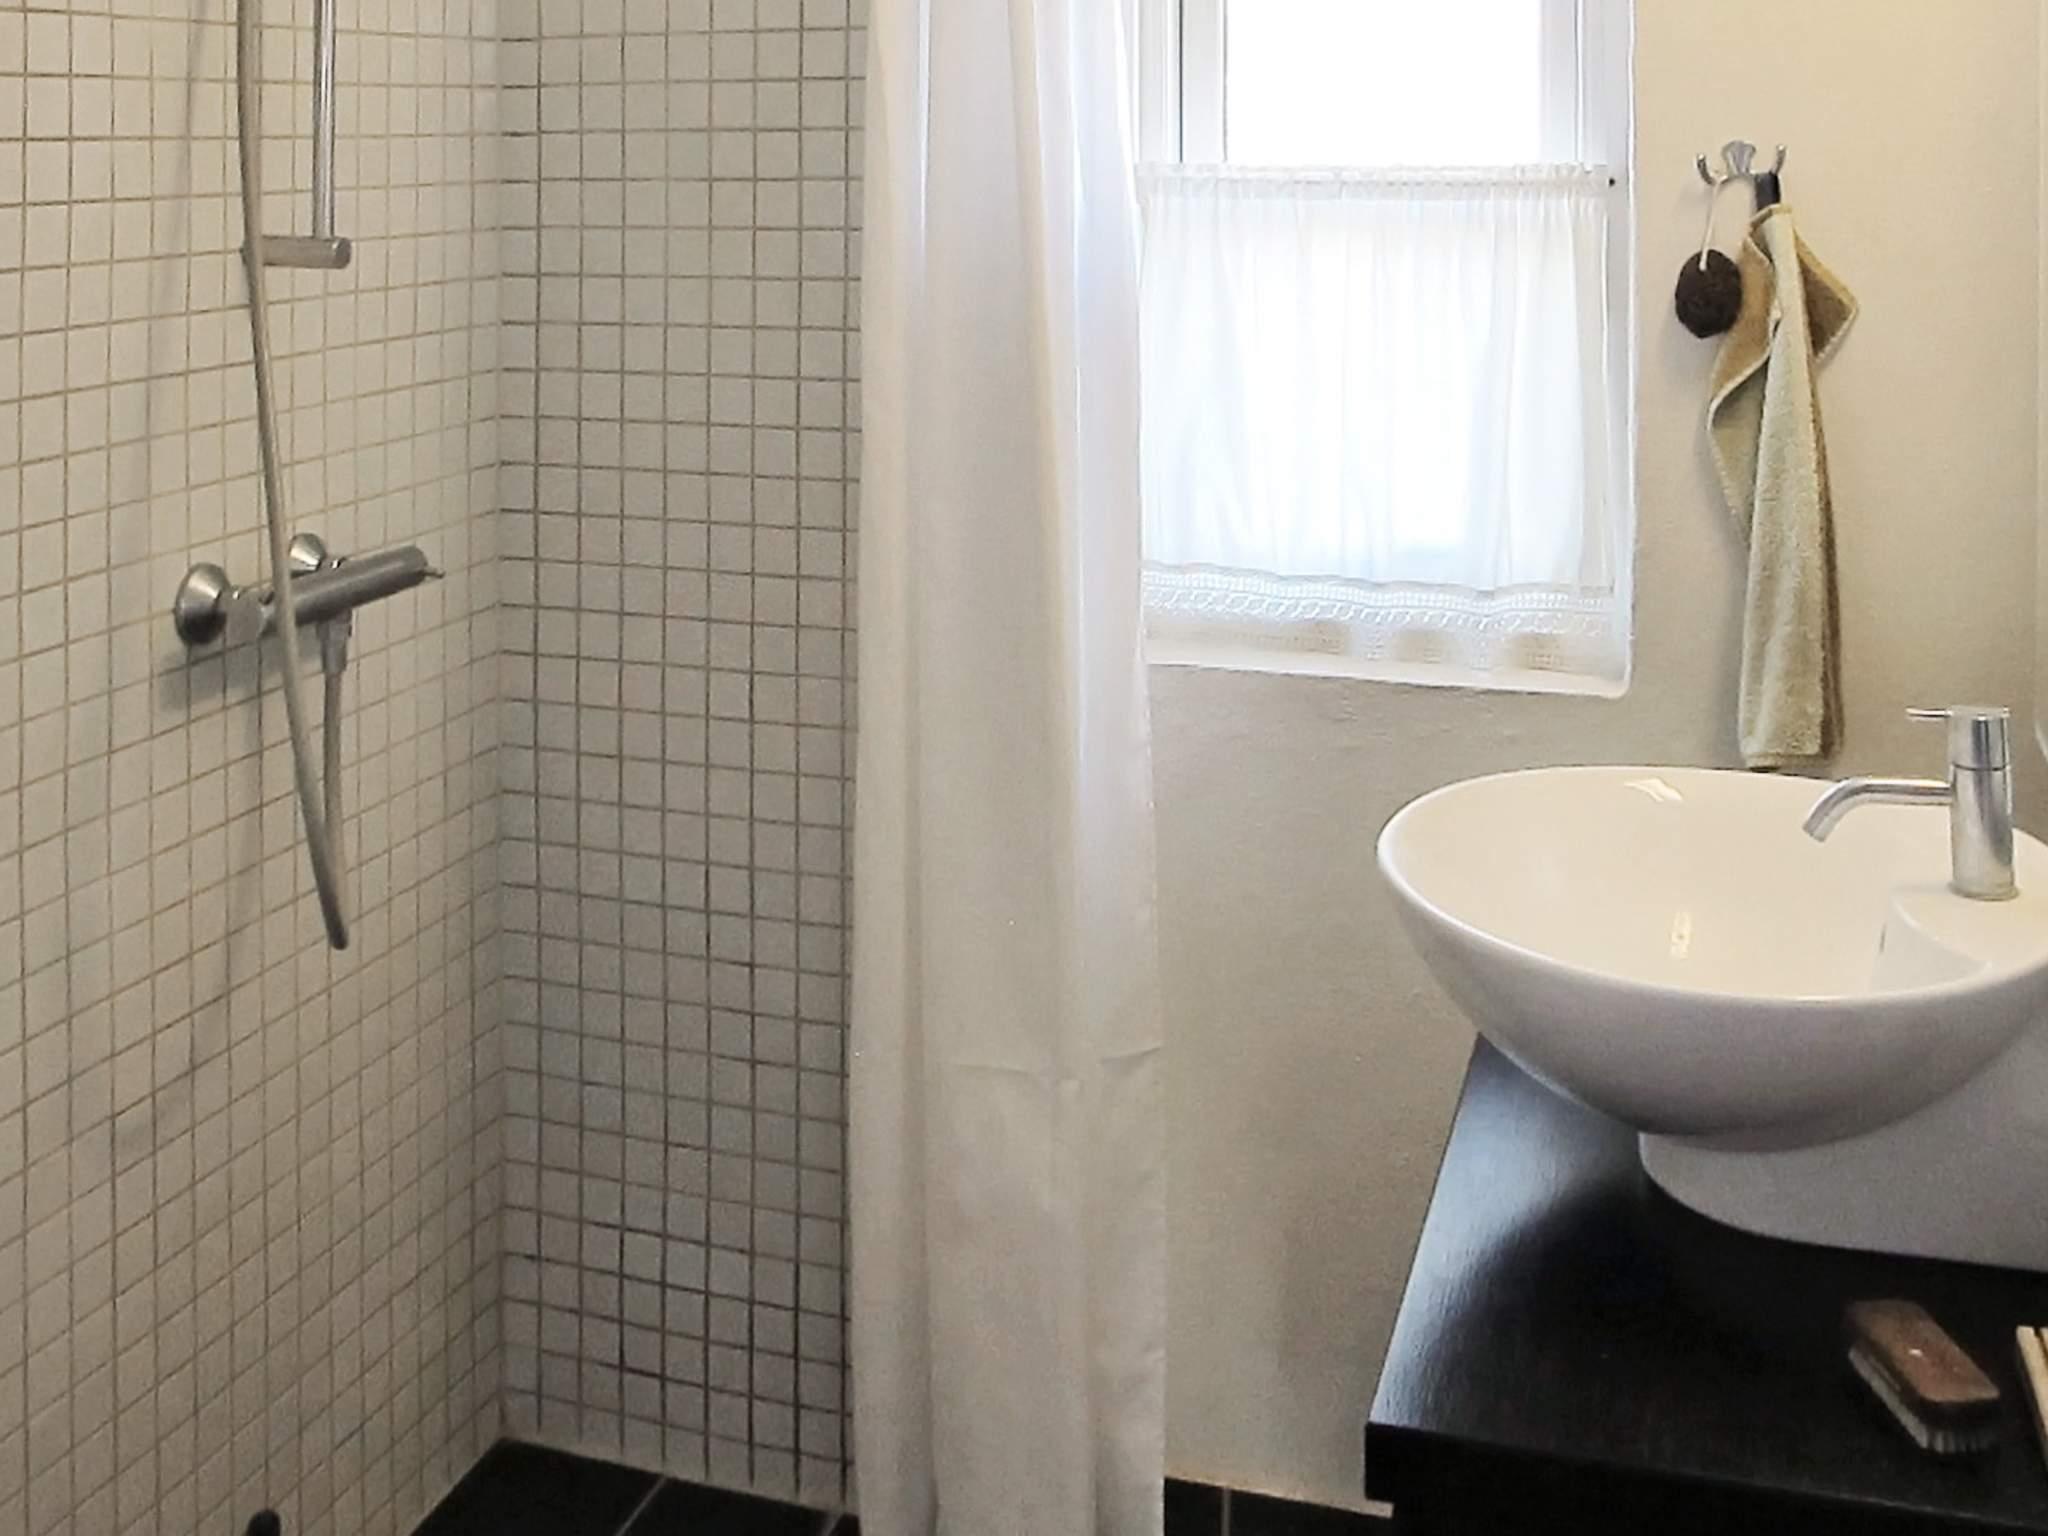 Ferienhaus Bakkebølle Strand (2354153), Bakkebølle Strand, , Südseeland, Dänemark, Bild 18